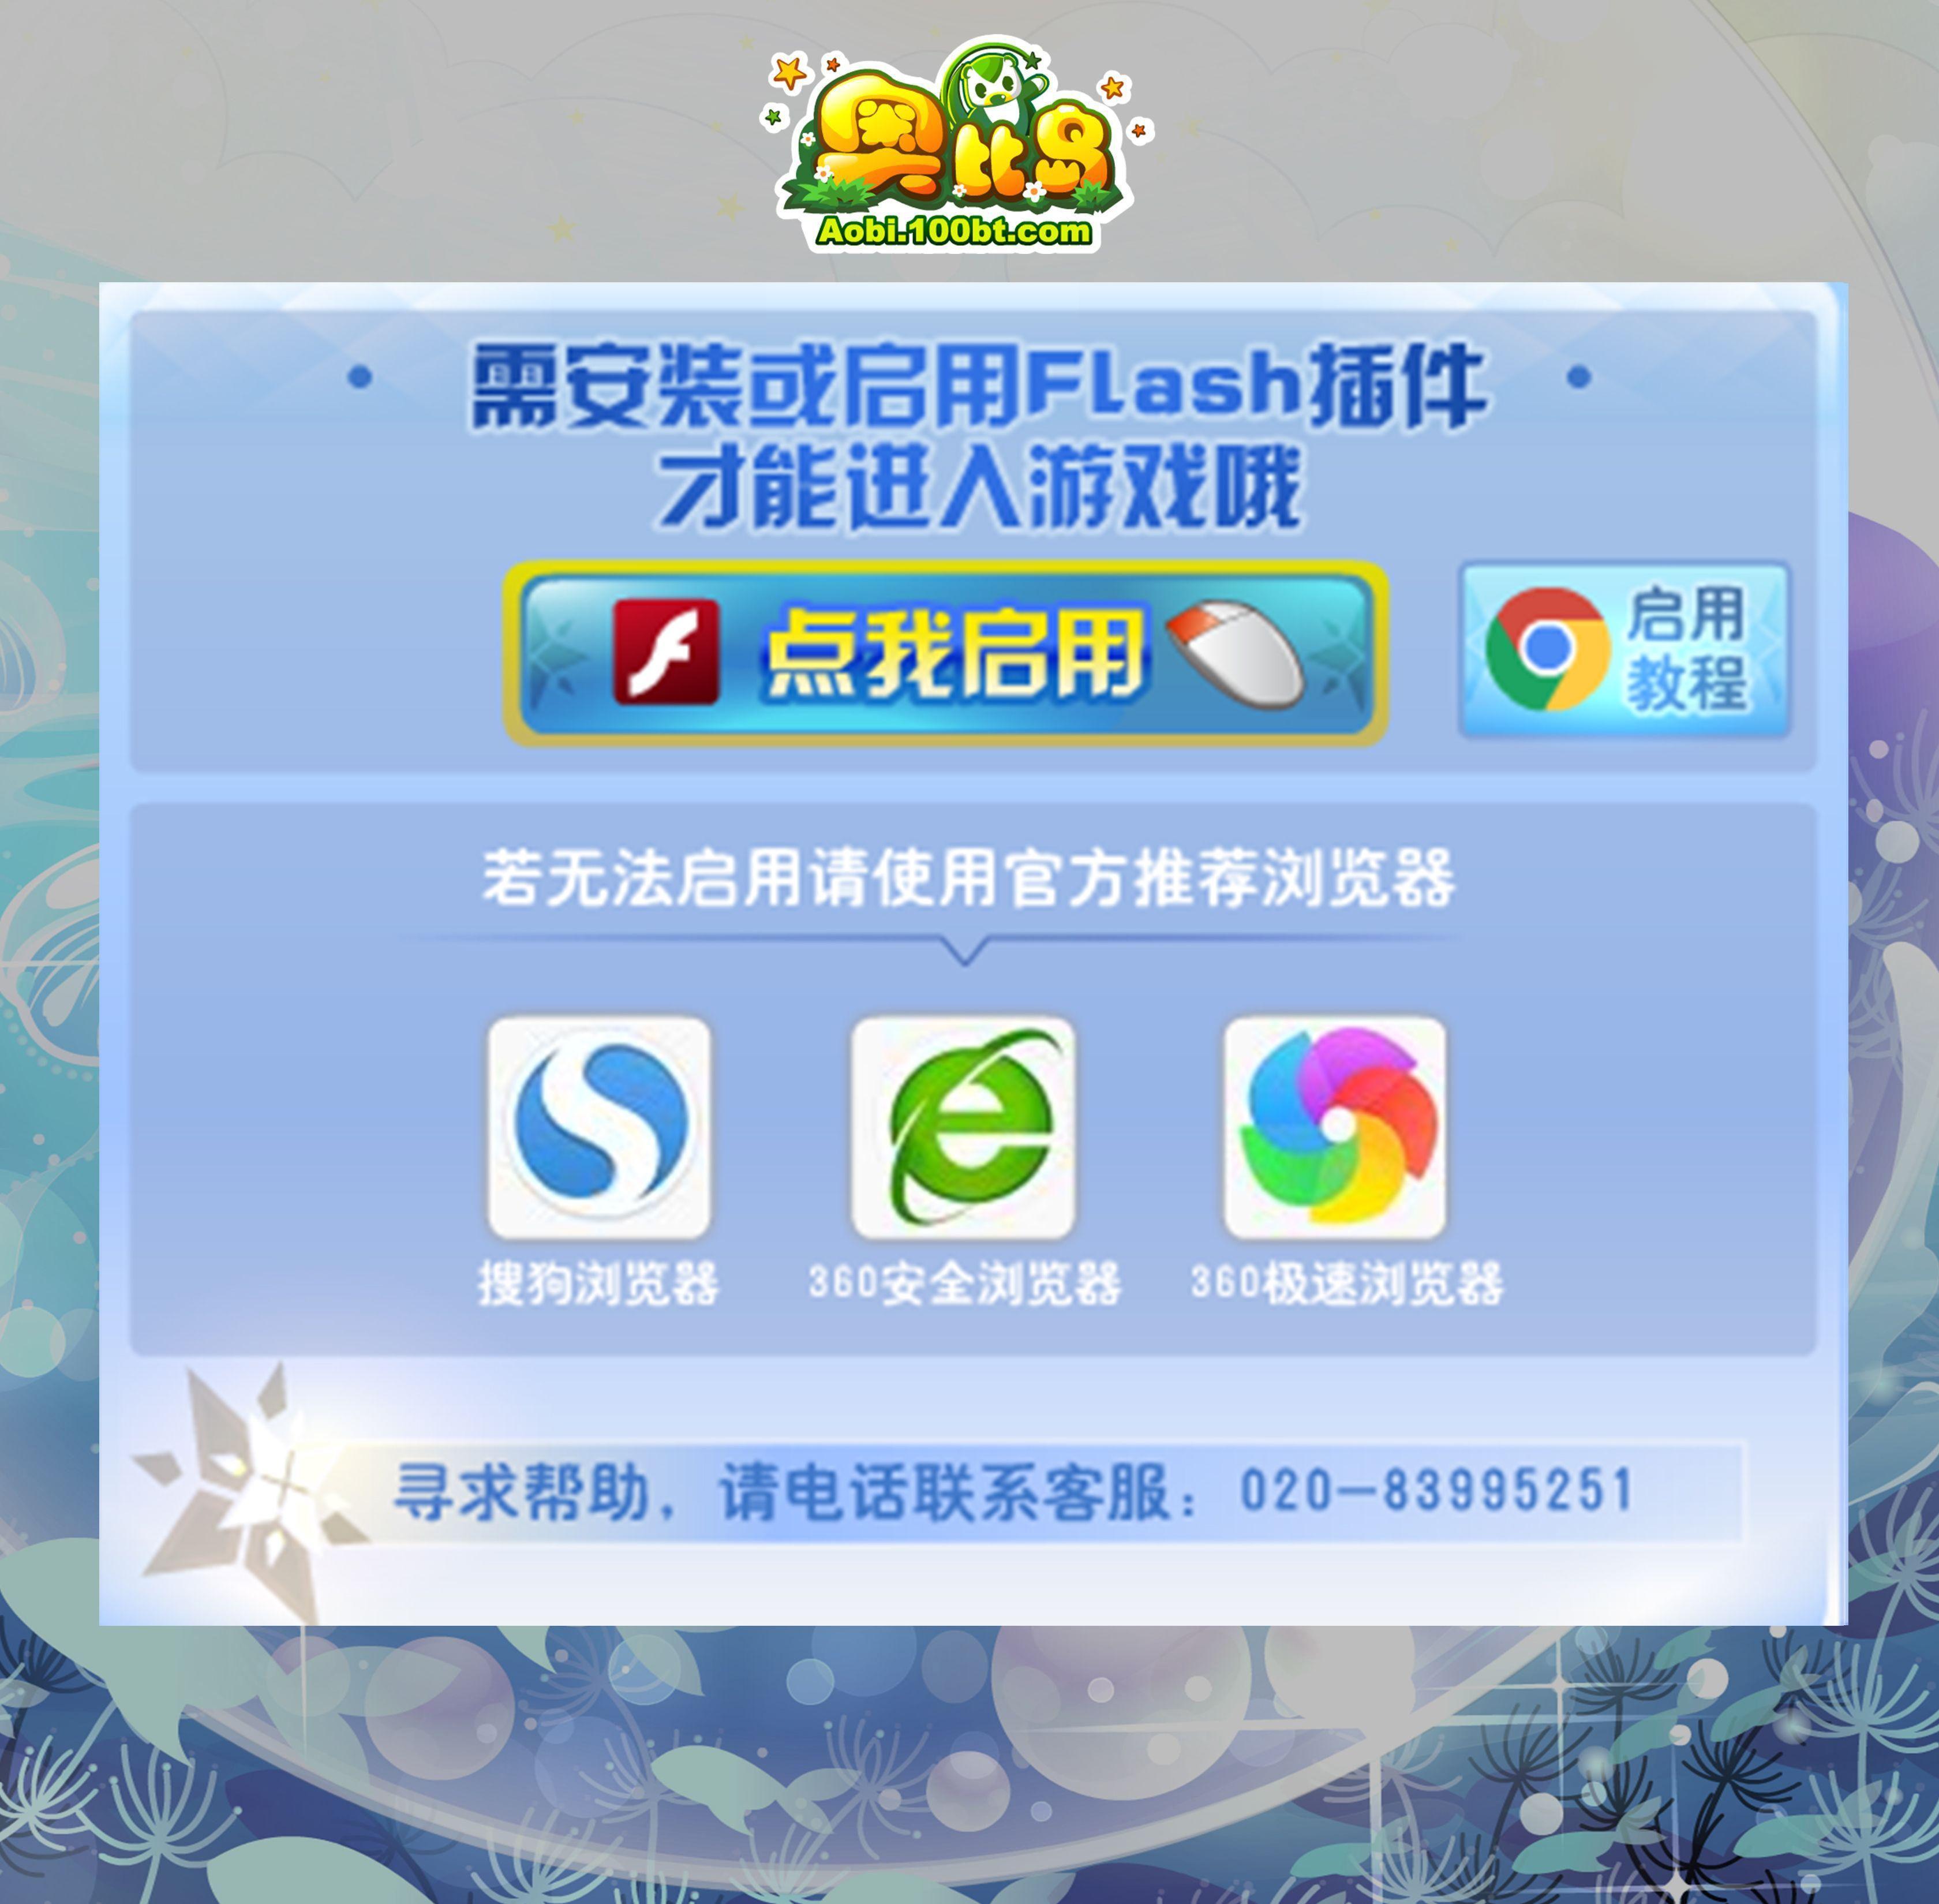 FLASH浏览器支持公告&官方推荐浏览器